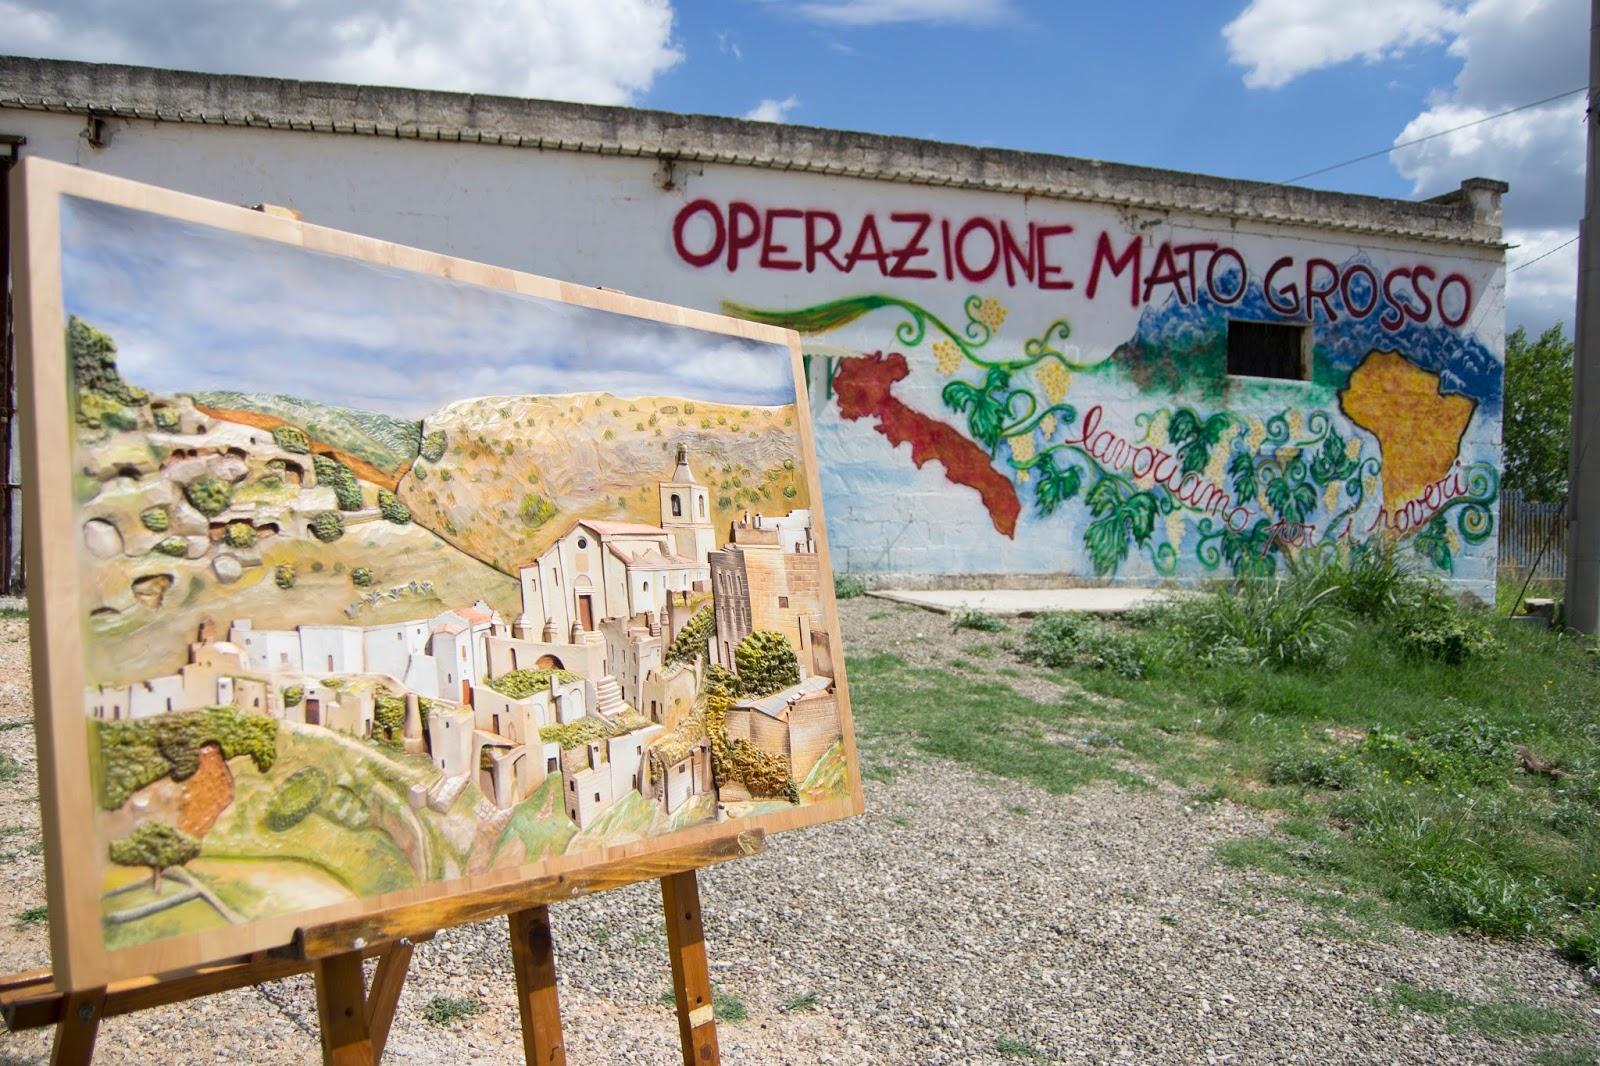 Ginosa news ginosanews la carica dei cento volontari omg 13 giorni per i poveri - Operazione mato grosso mobili ...